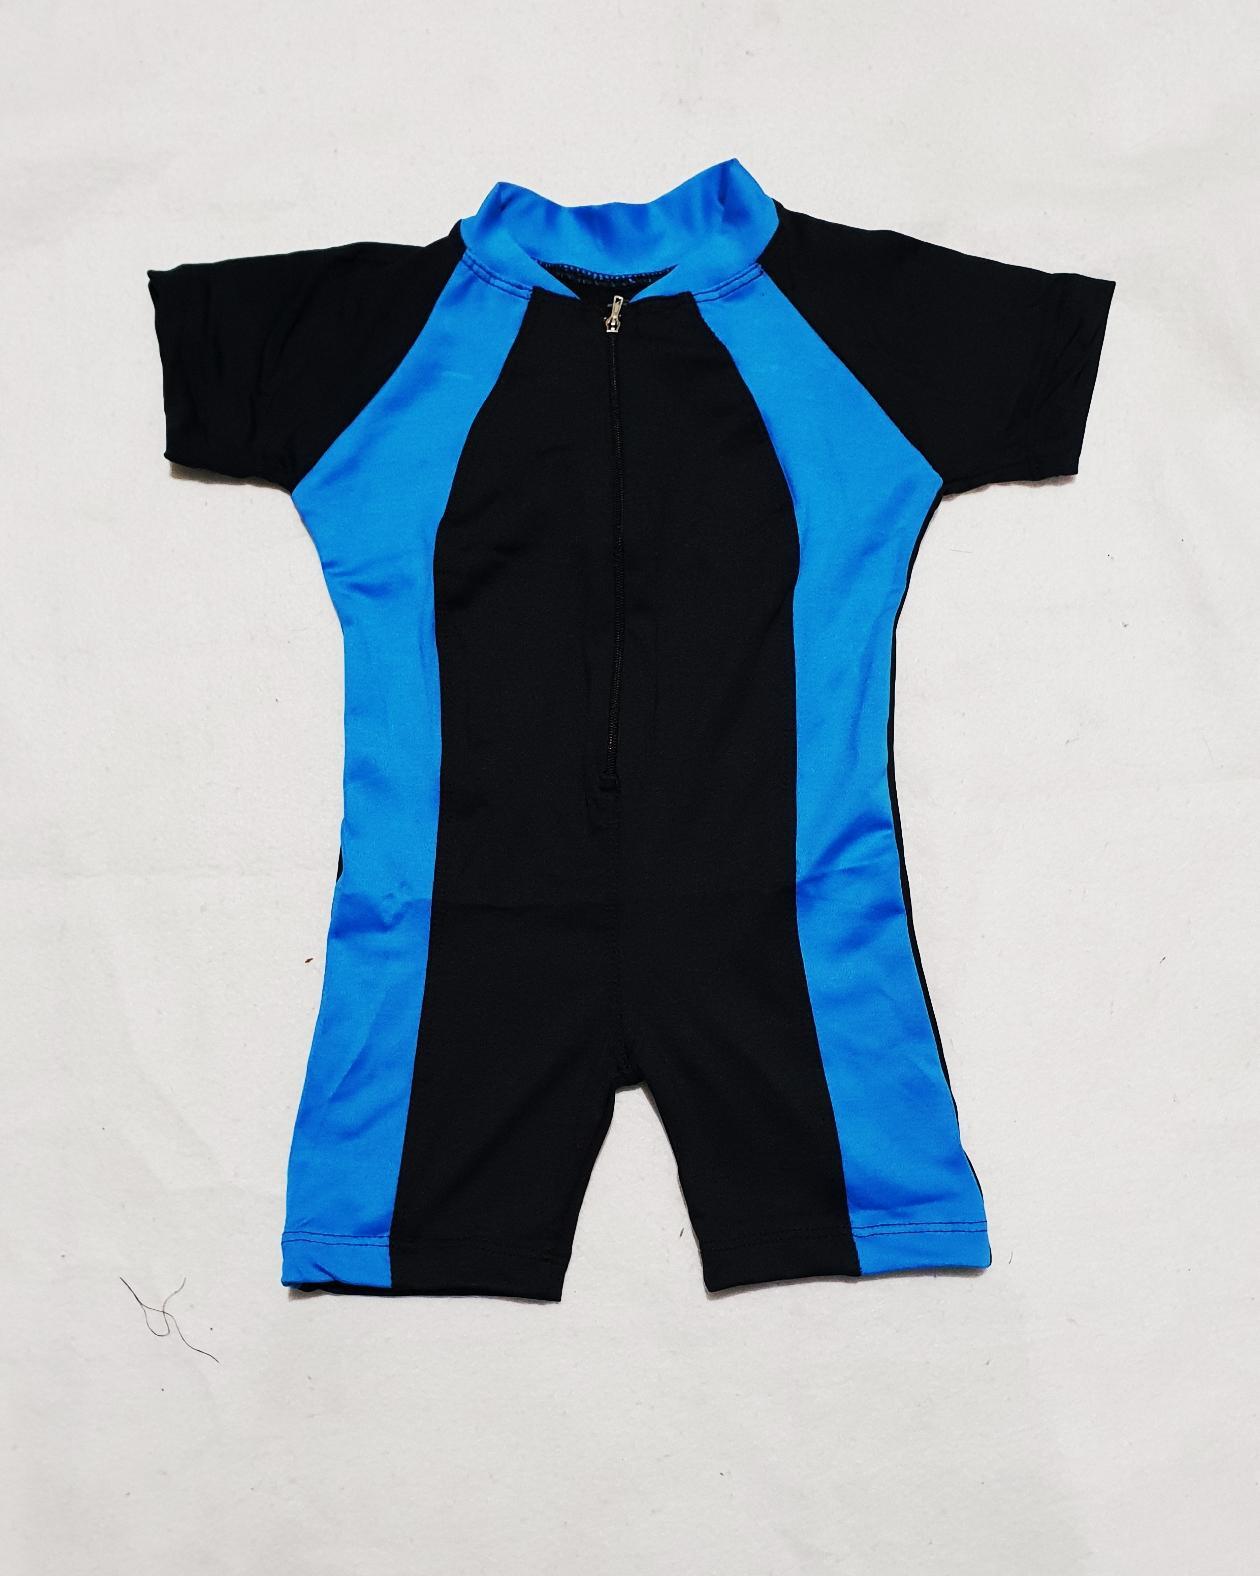 baju renang bayi / anak pendek 1-2 tahun